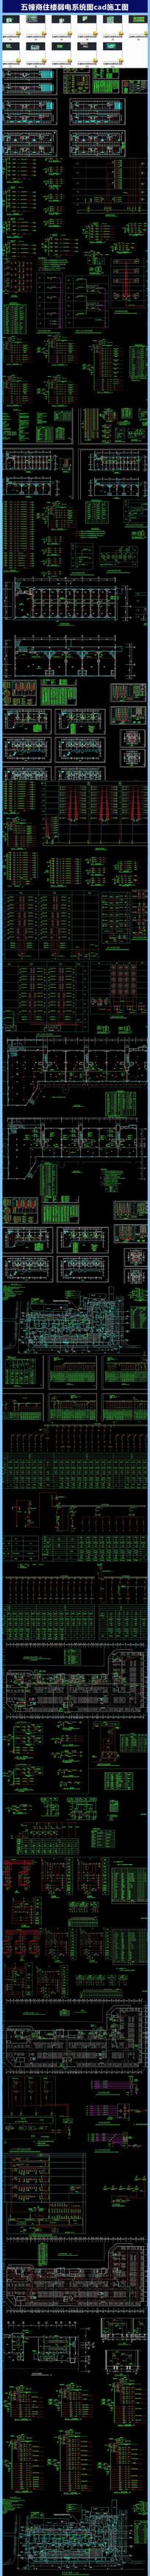 五幢商住楼弱电系统图cad施工图